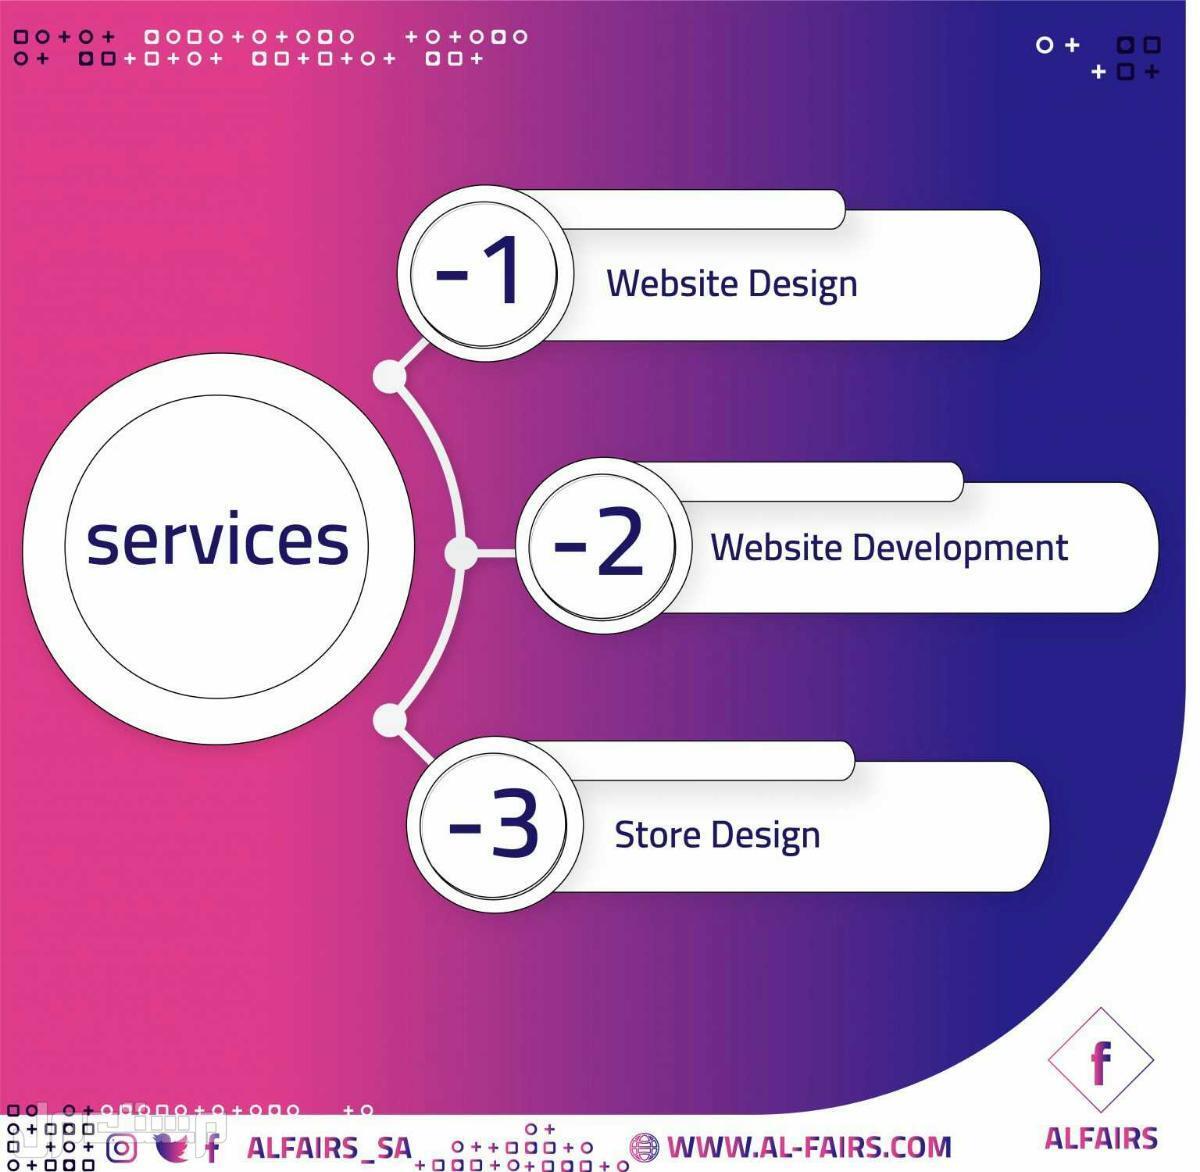 برمجه وتصميم المواقع الإلكترونية